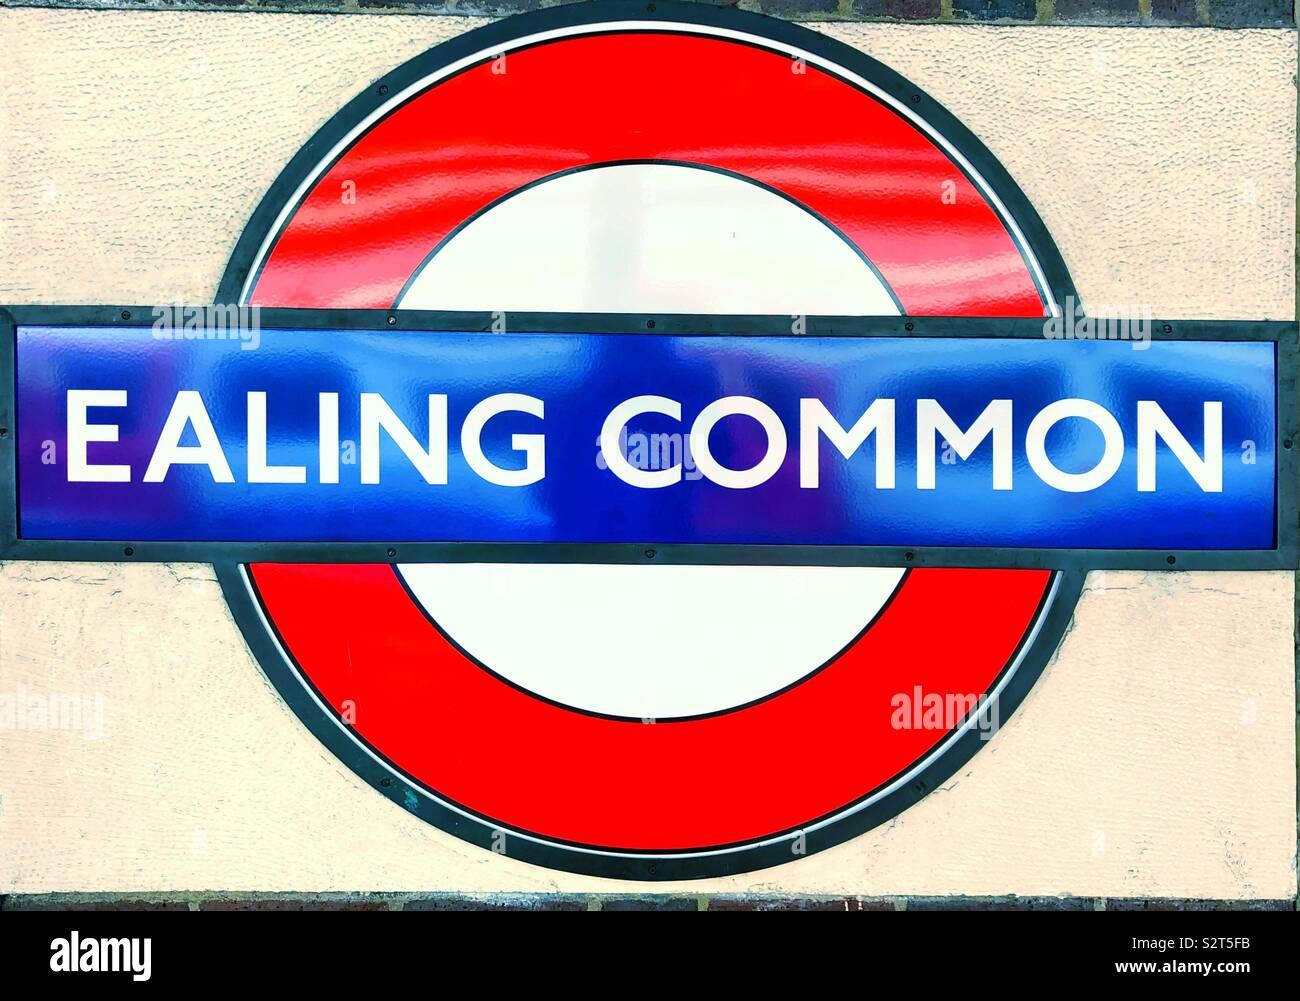 Ealing Common London Underground vintage roundel station name sign. Stock Photo